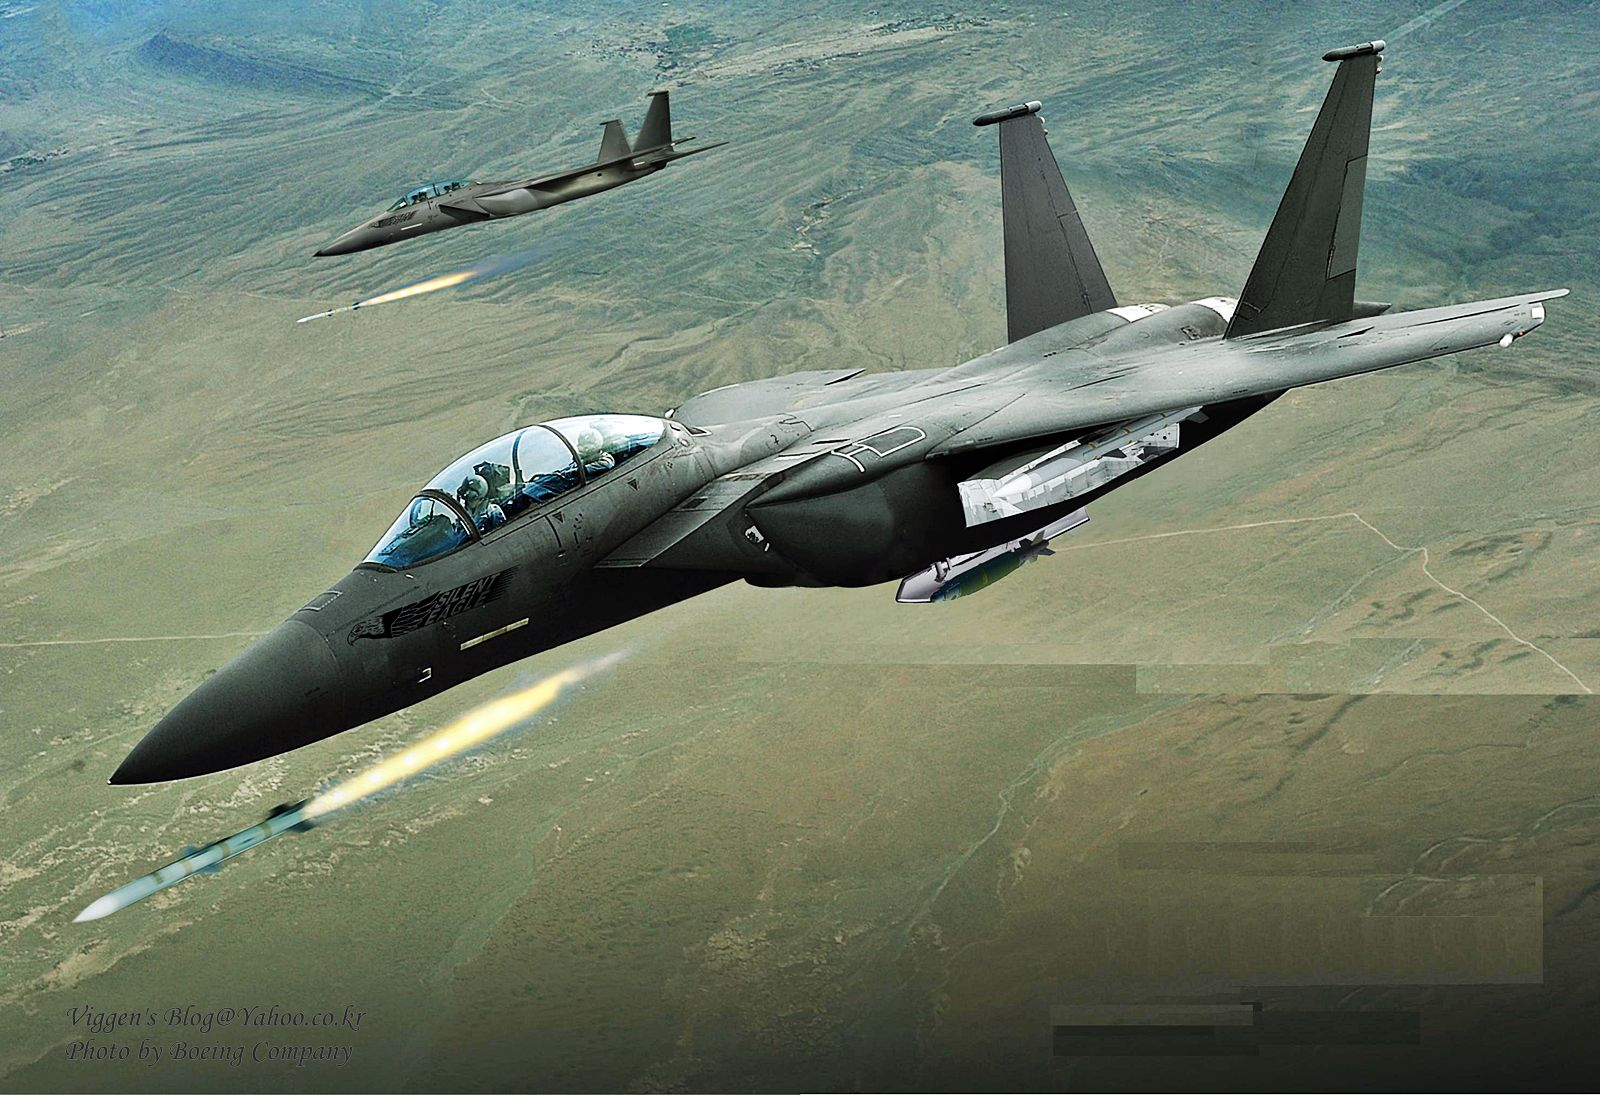 موسوعة اجيال الطائرات المقاتلة واشهر طائرات كل جيل - صفحة 11 Img_18_24344_5